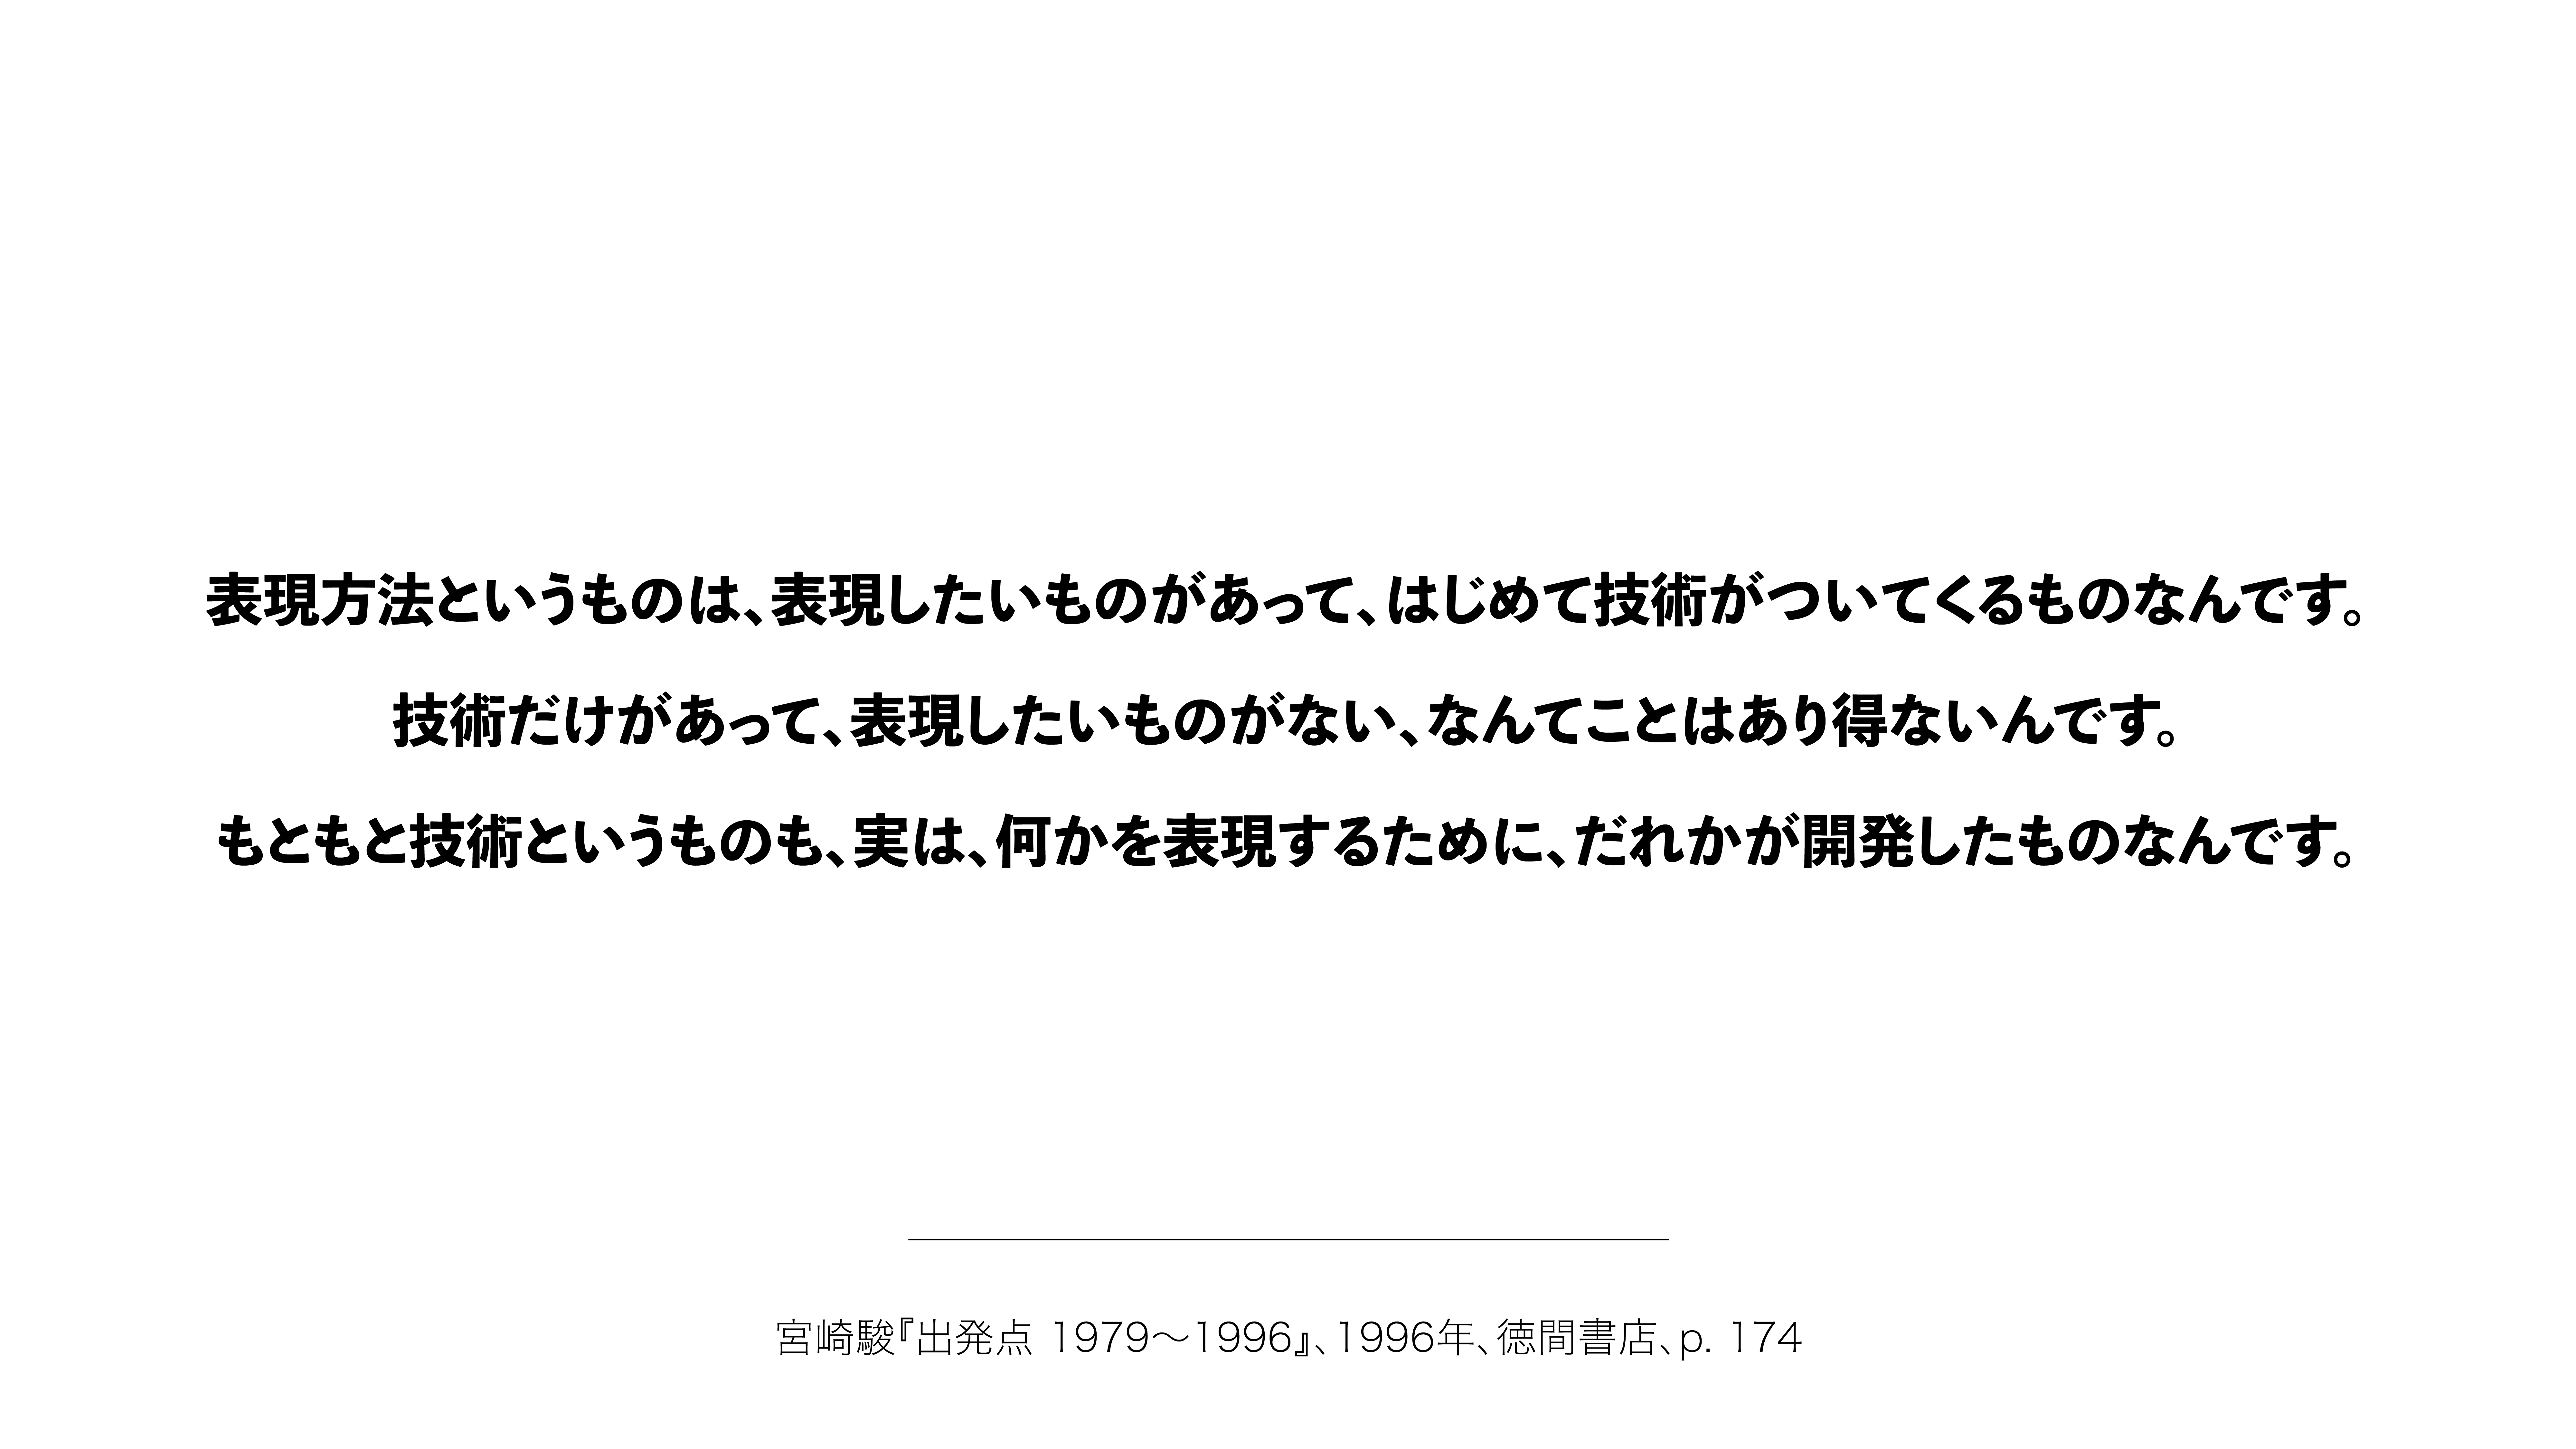 15_アニメーター解放宣言-1